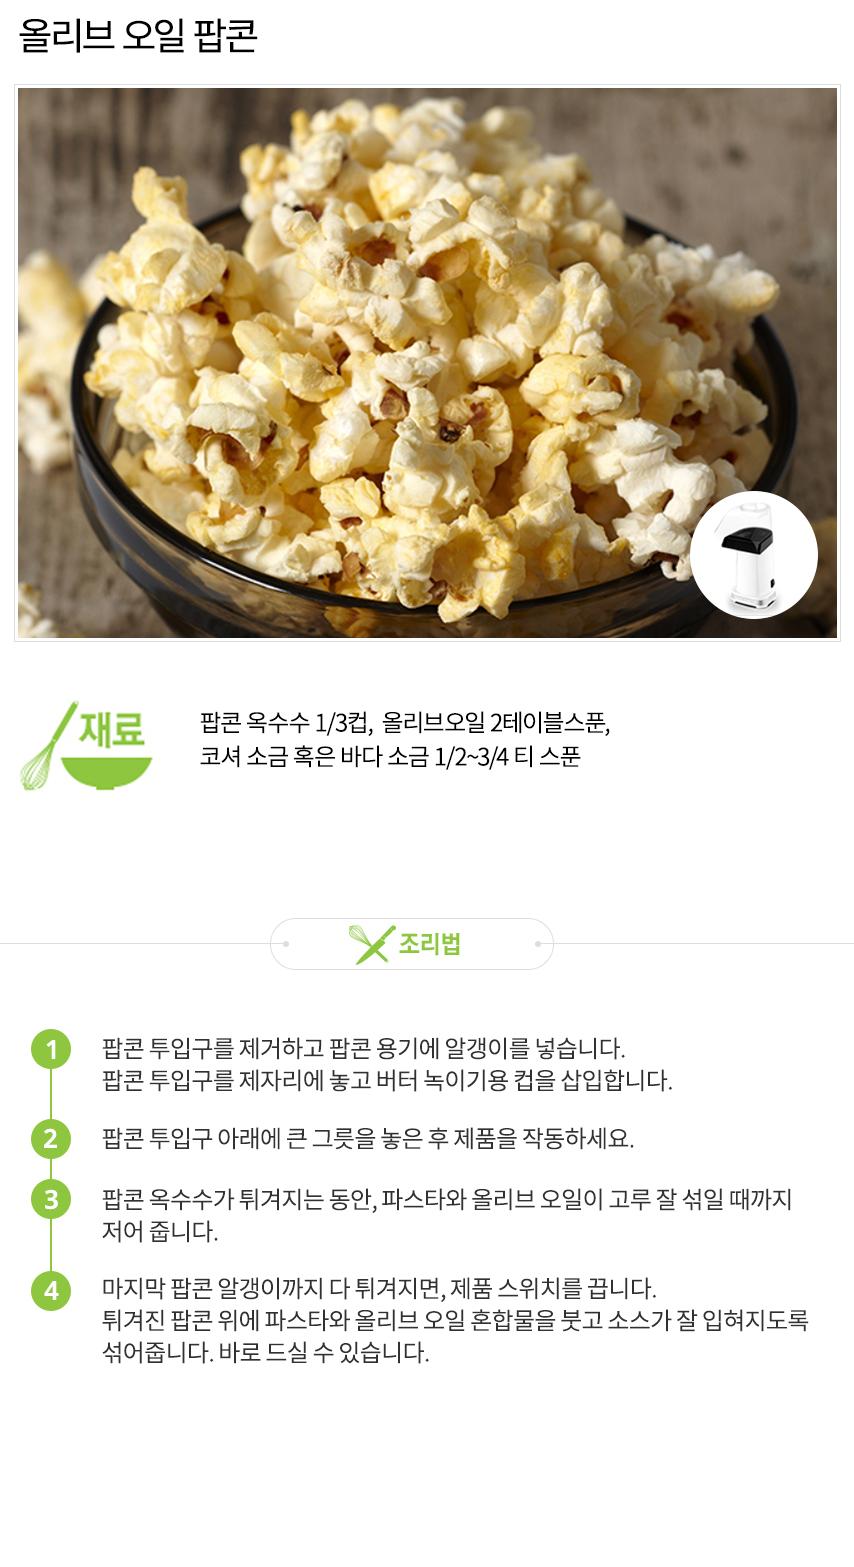 32_쿠진아트_레시피_리뉴얼_올리브오일팝콘.jpg